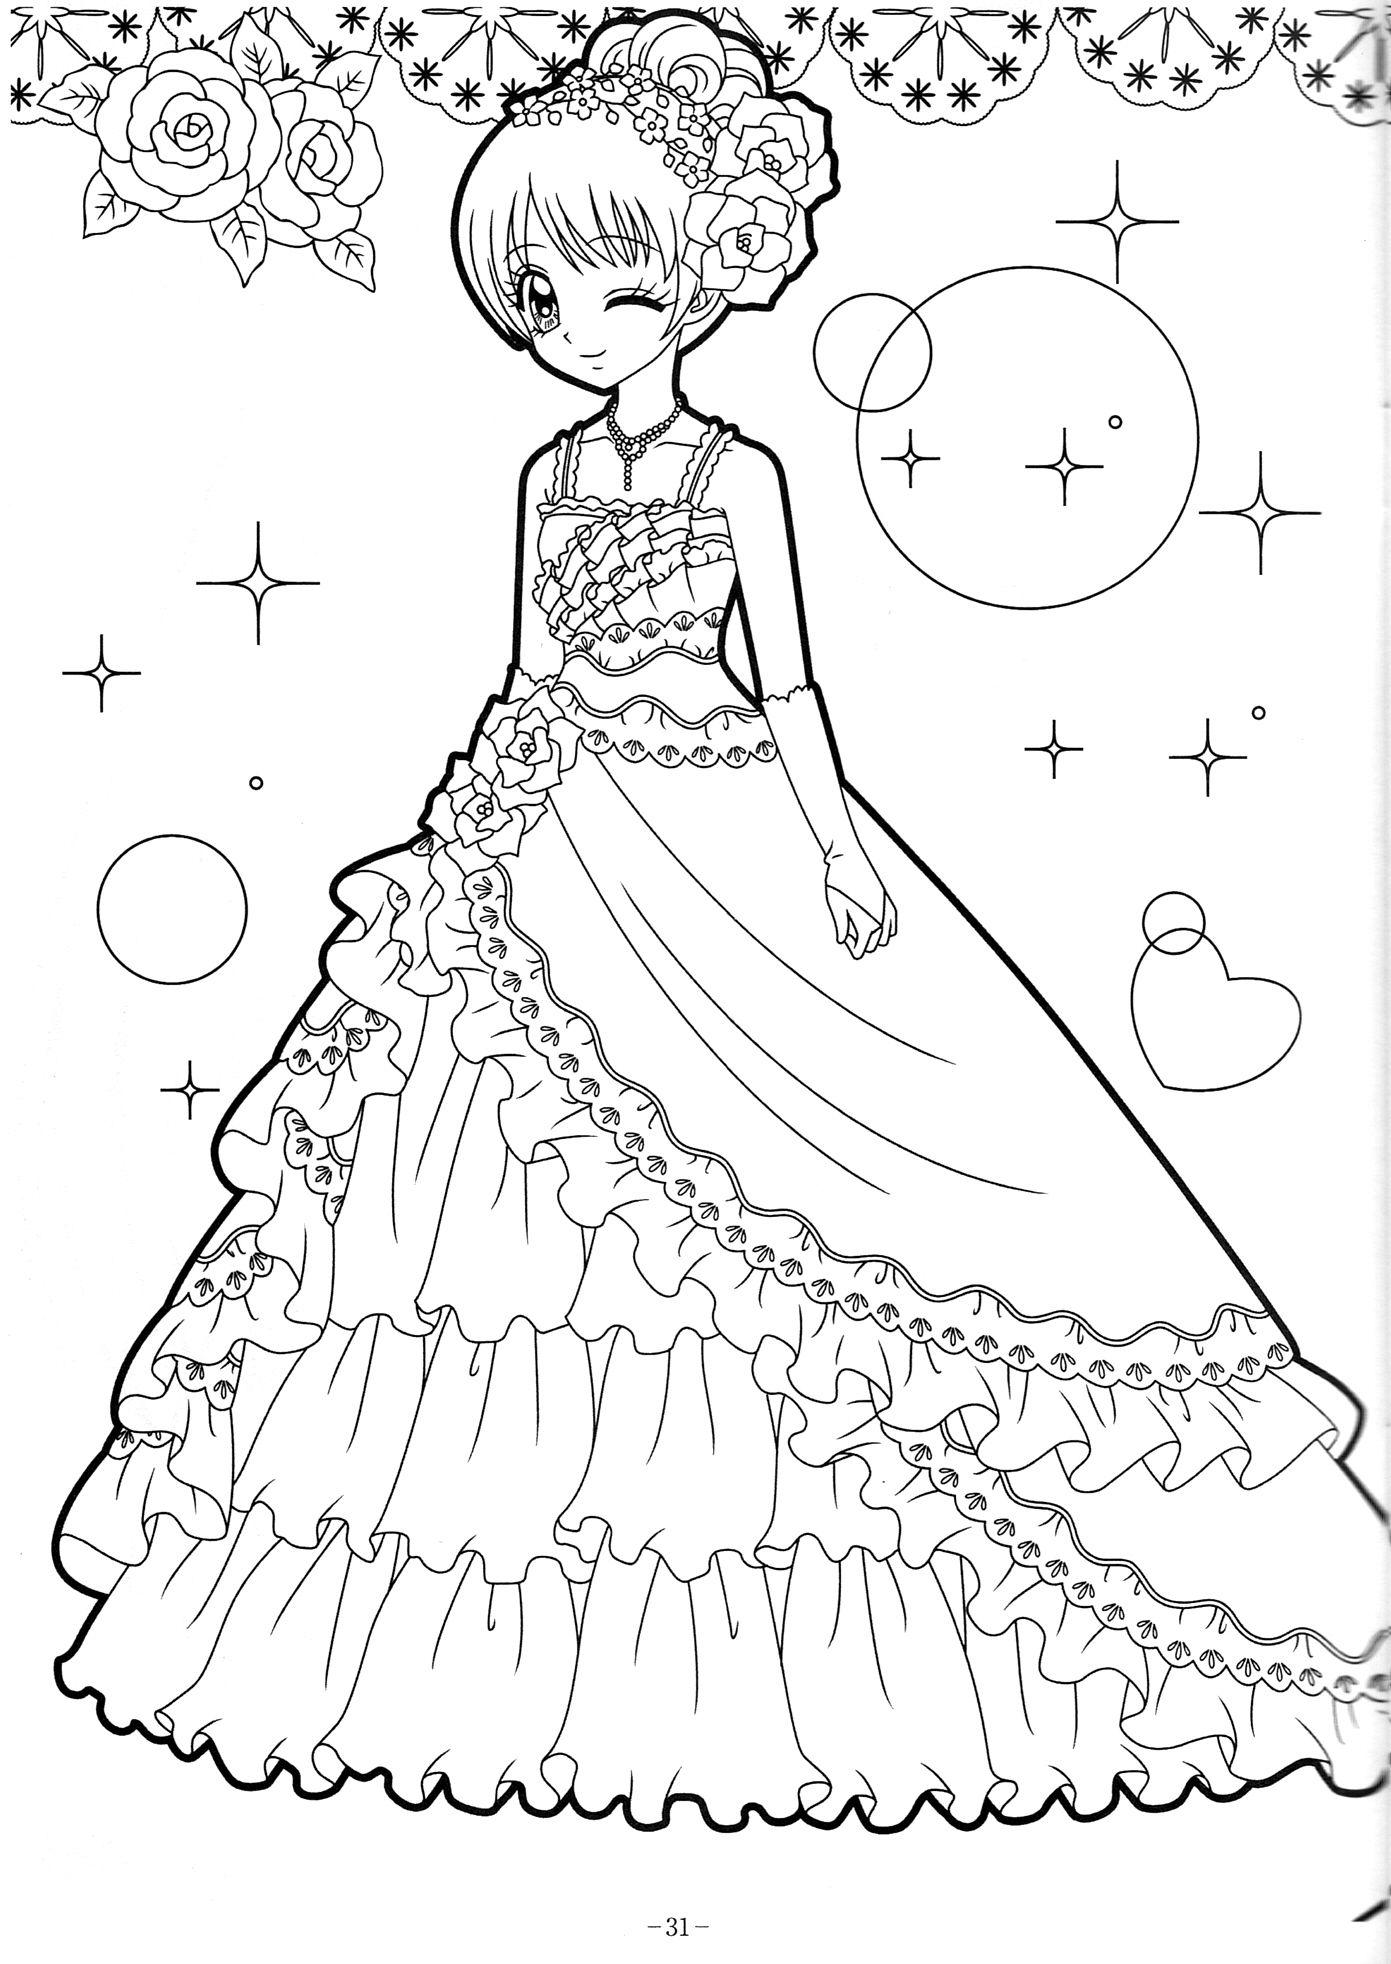 Pingl par vinciane loger sur coloriage pinterest - Manga adulte gratuit ...